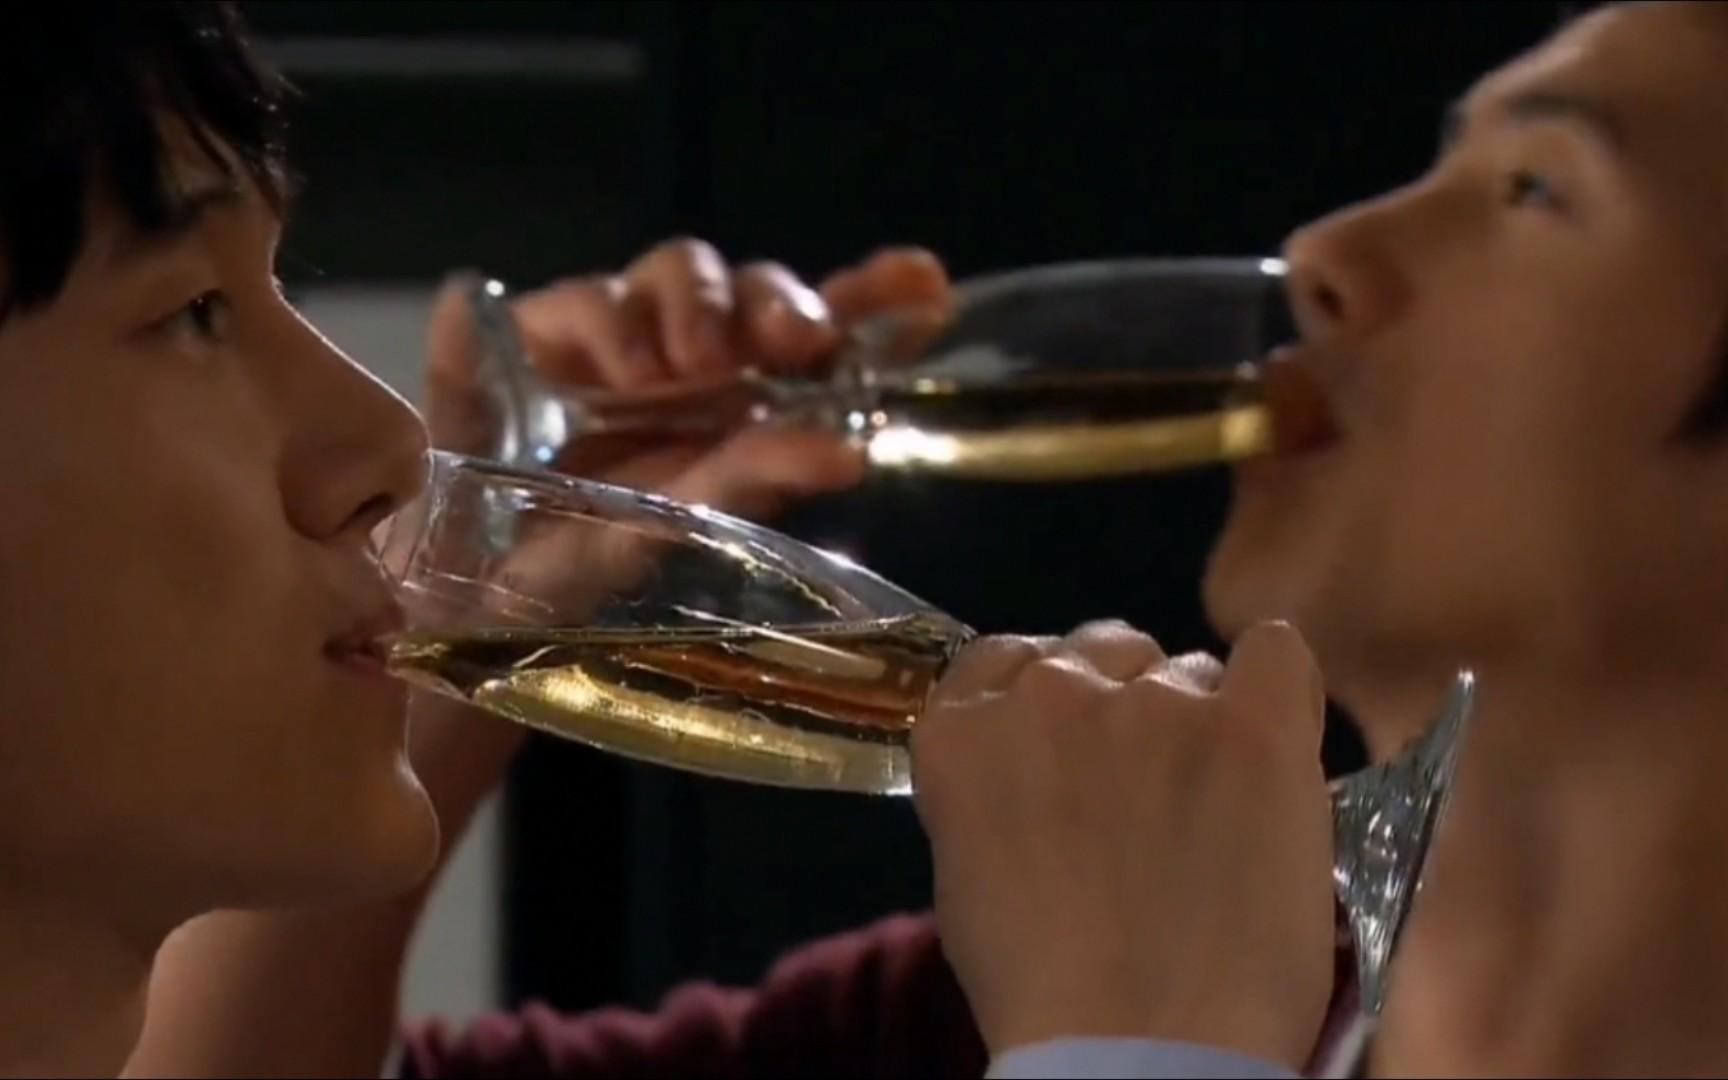 【人生是美丽的】庆幸他家人能接受,你们才能如此惬意的喝着香槟聊着天!